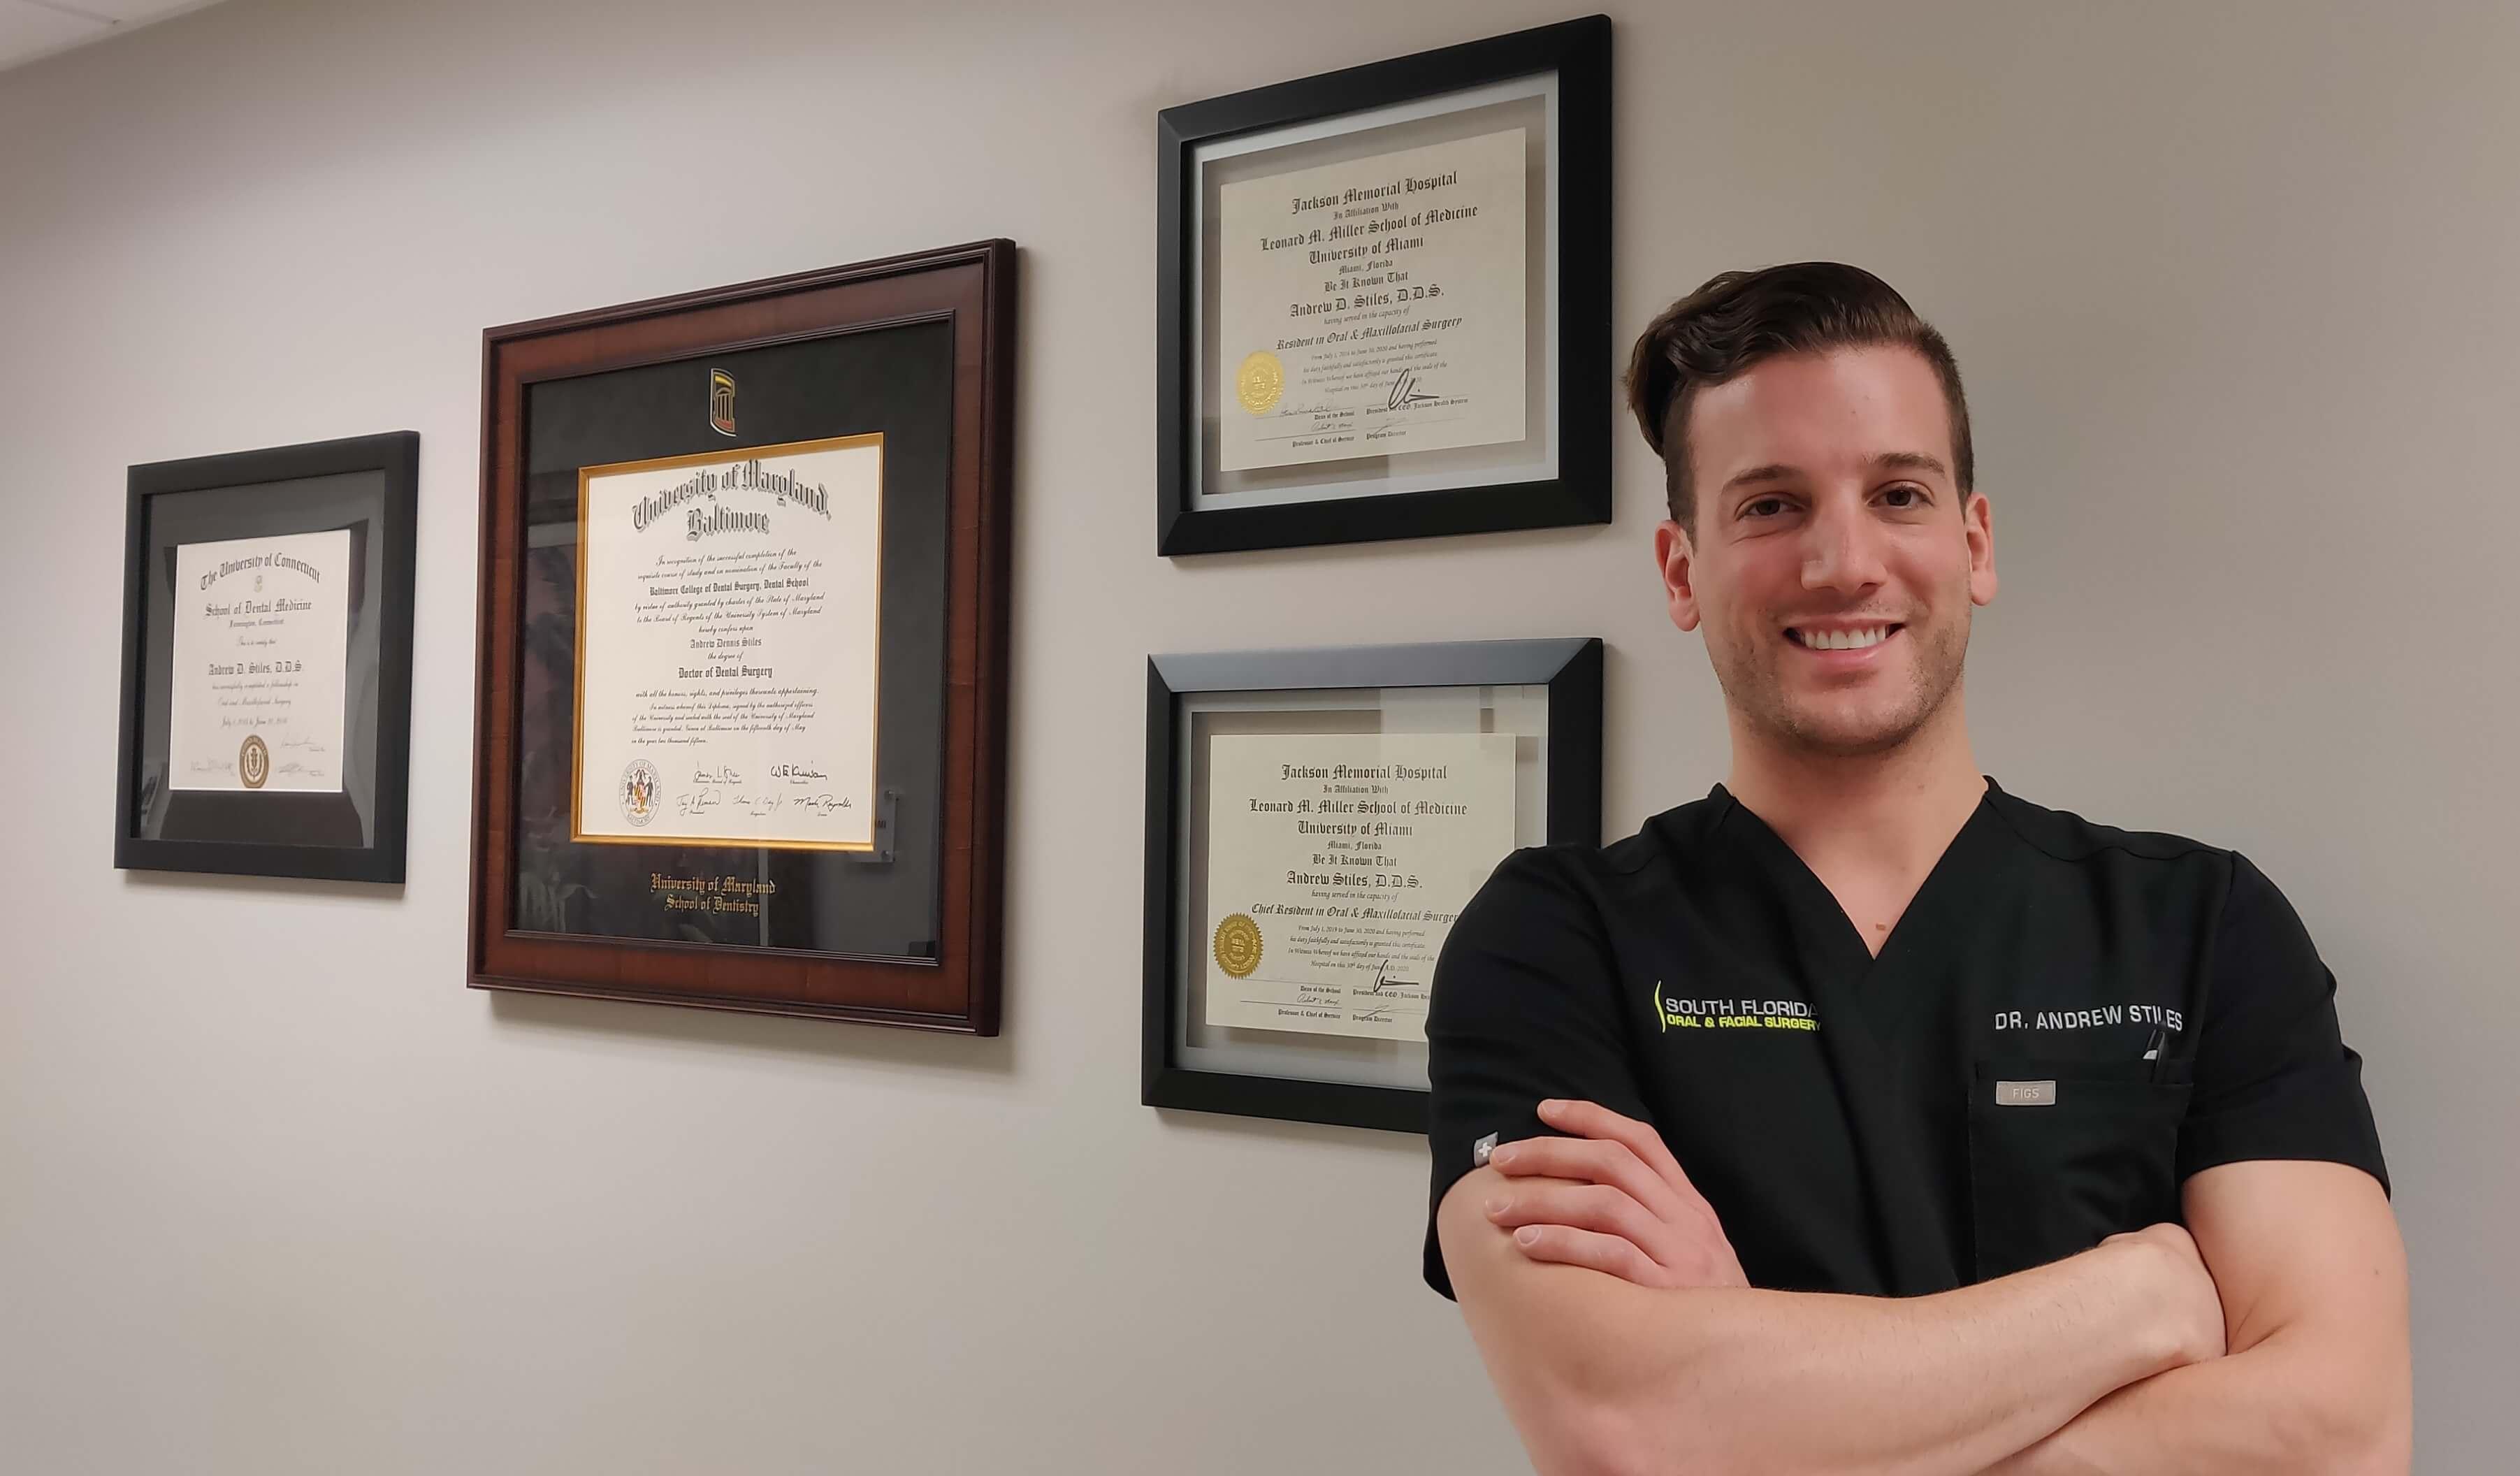 Dr. Andrew Stiles